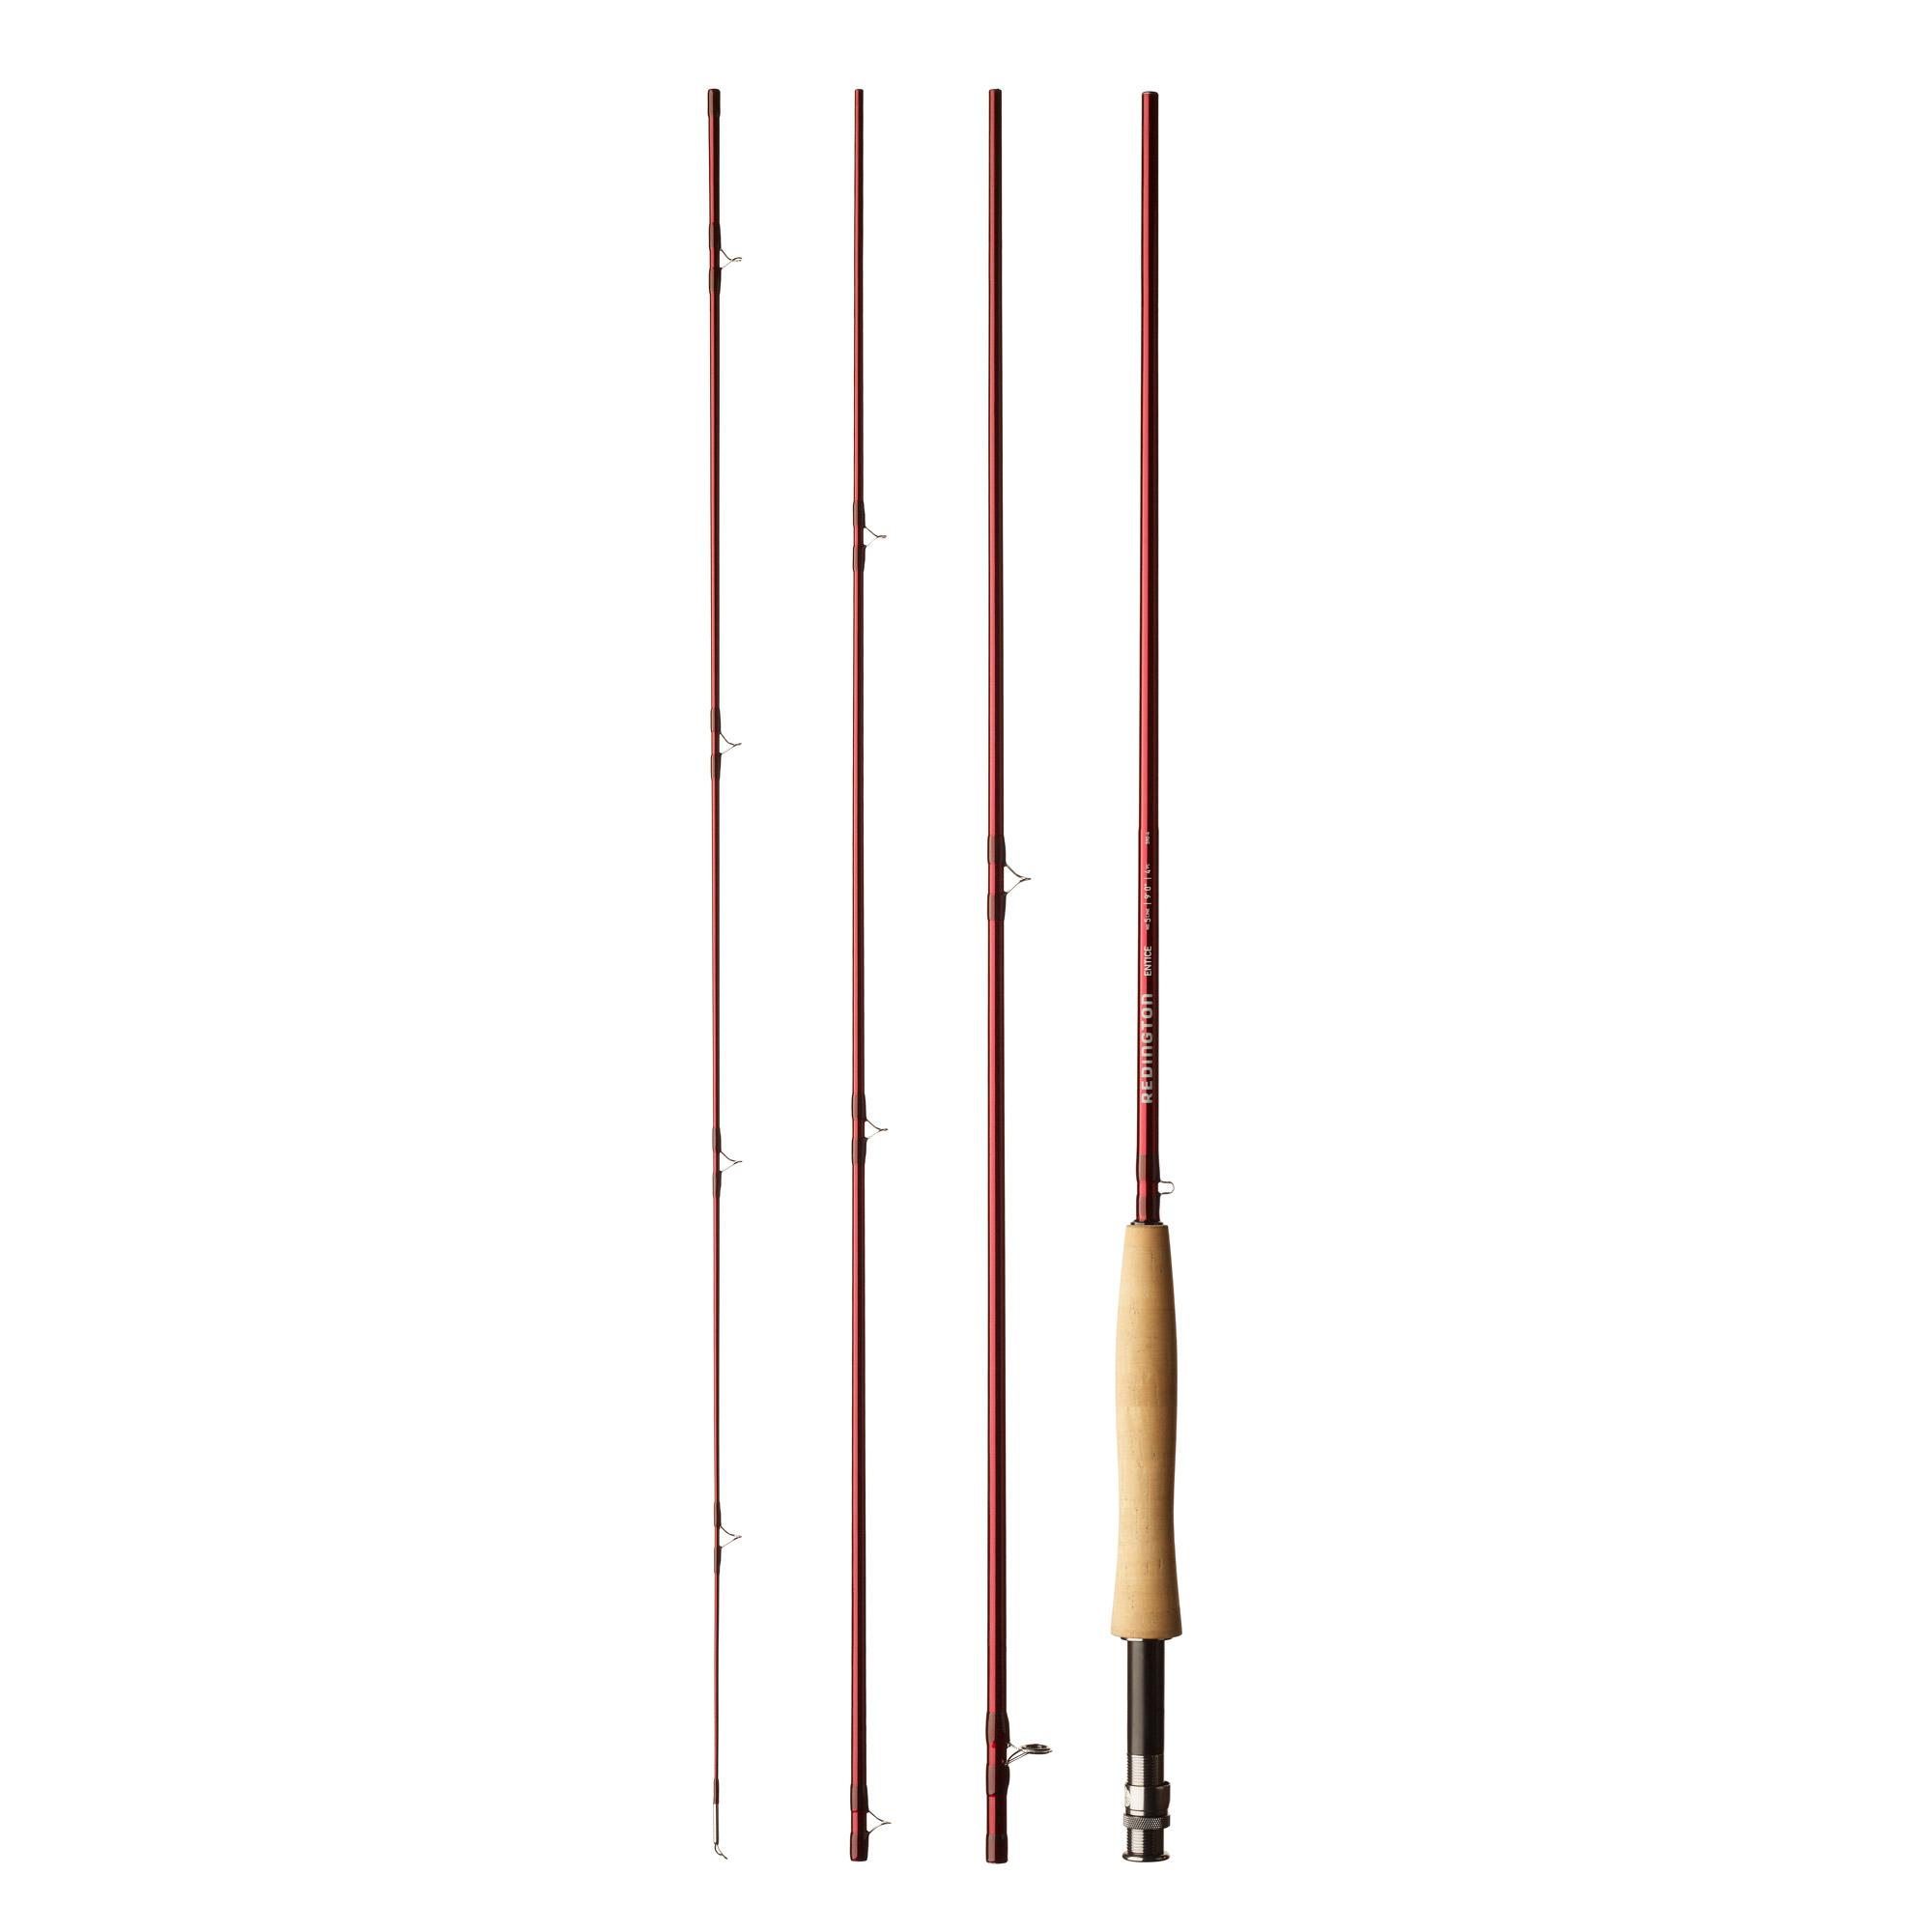 Redington Voyant Fly Rods